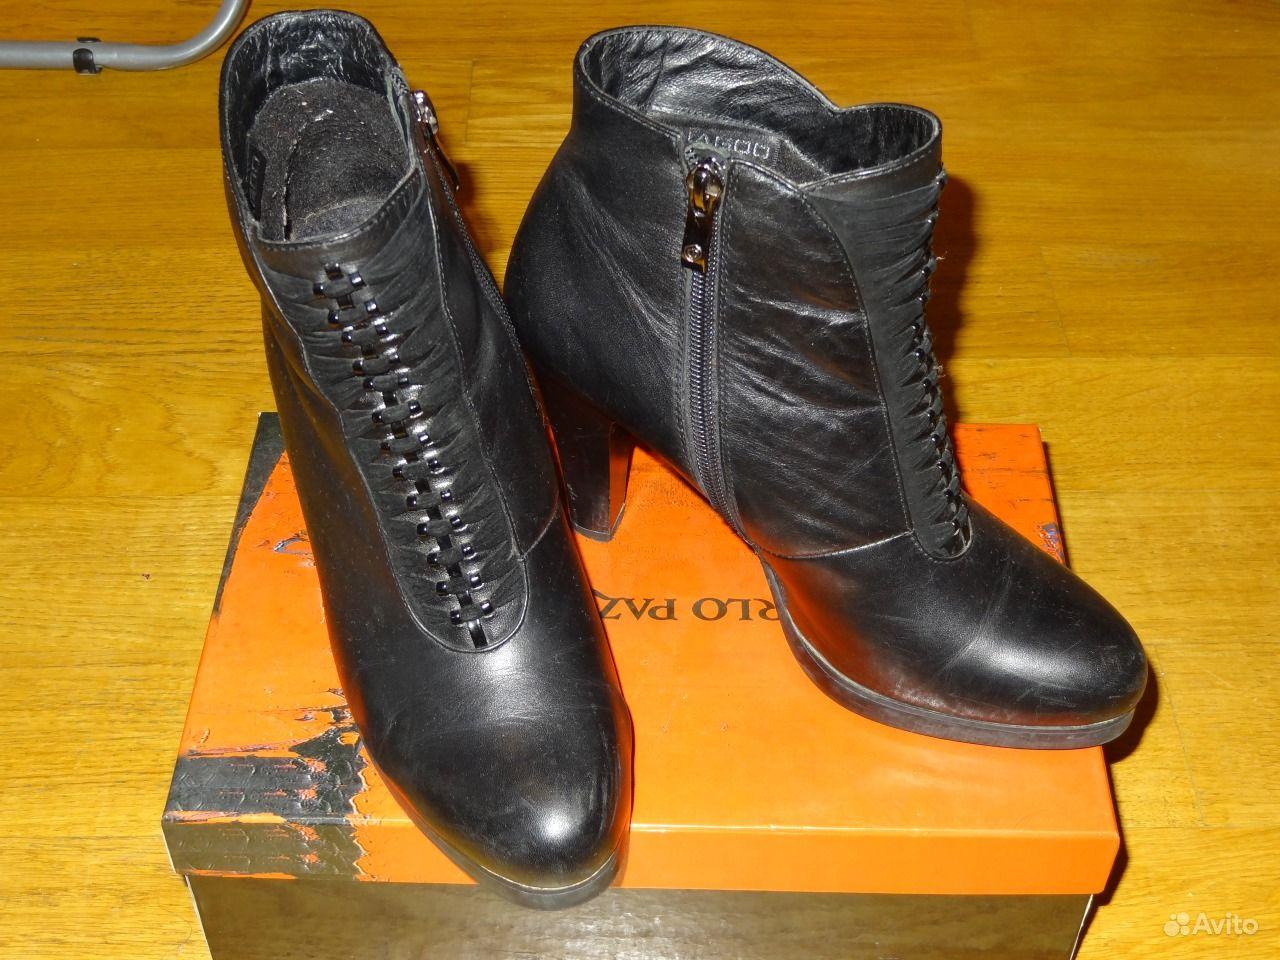 903dc3619860 Женские кожаные ботинки осень 38 размер   Festima.Ru - Мониторинг ...